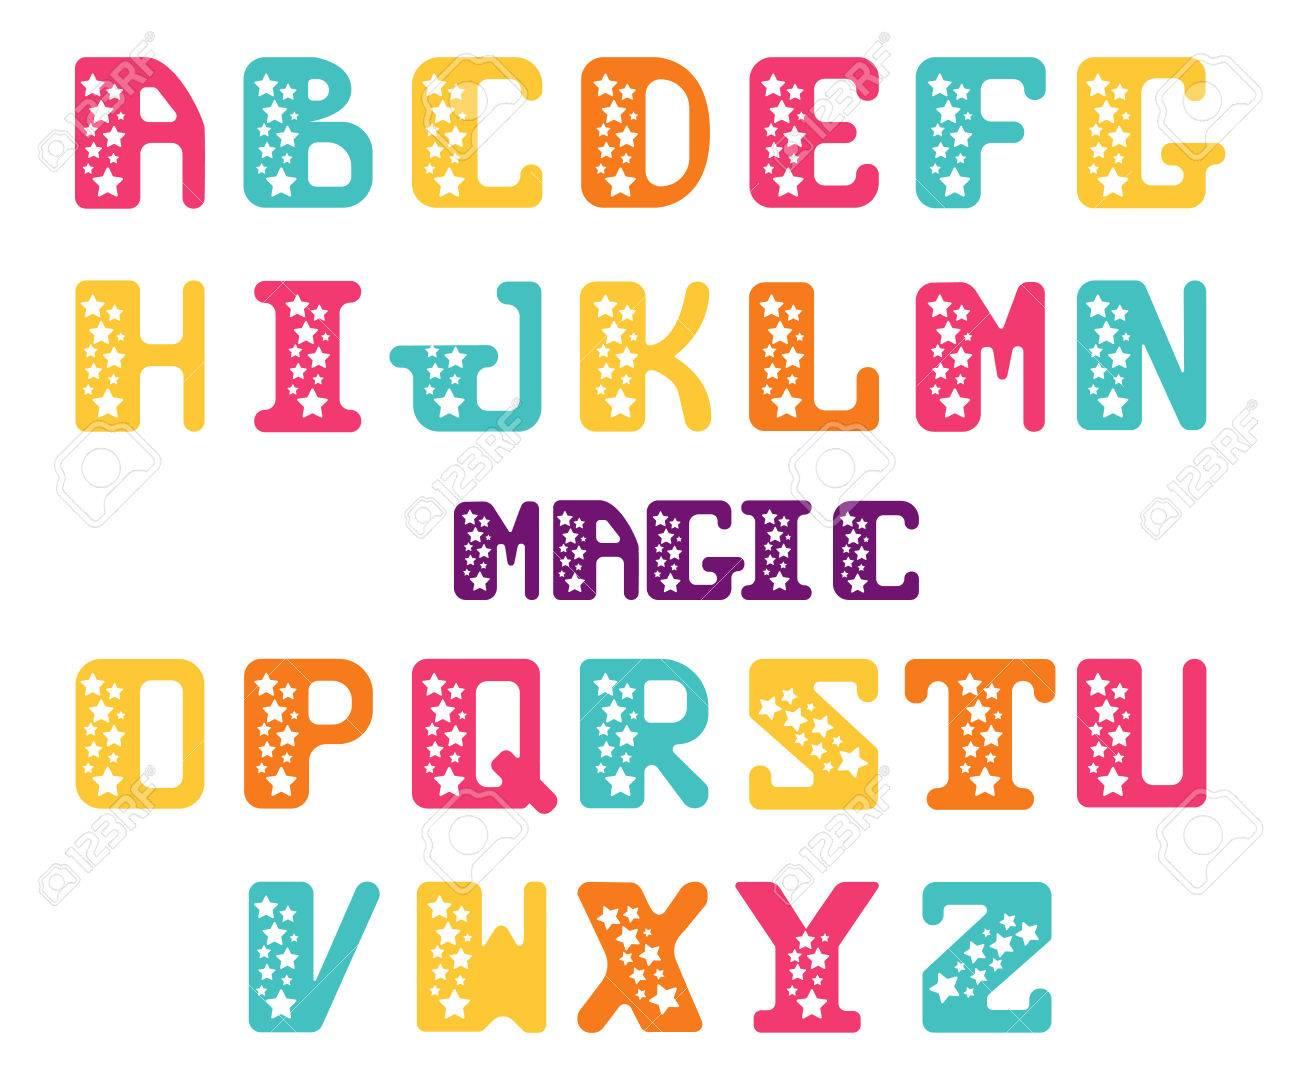 Alfabeto De Letras Mayúsculas Con Las Estrellas Estrella Serif Conjunto De Cartas Para La Decoración De Carteles O Invitaciones Festivas